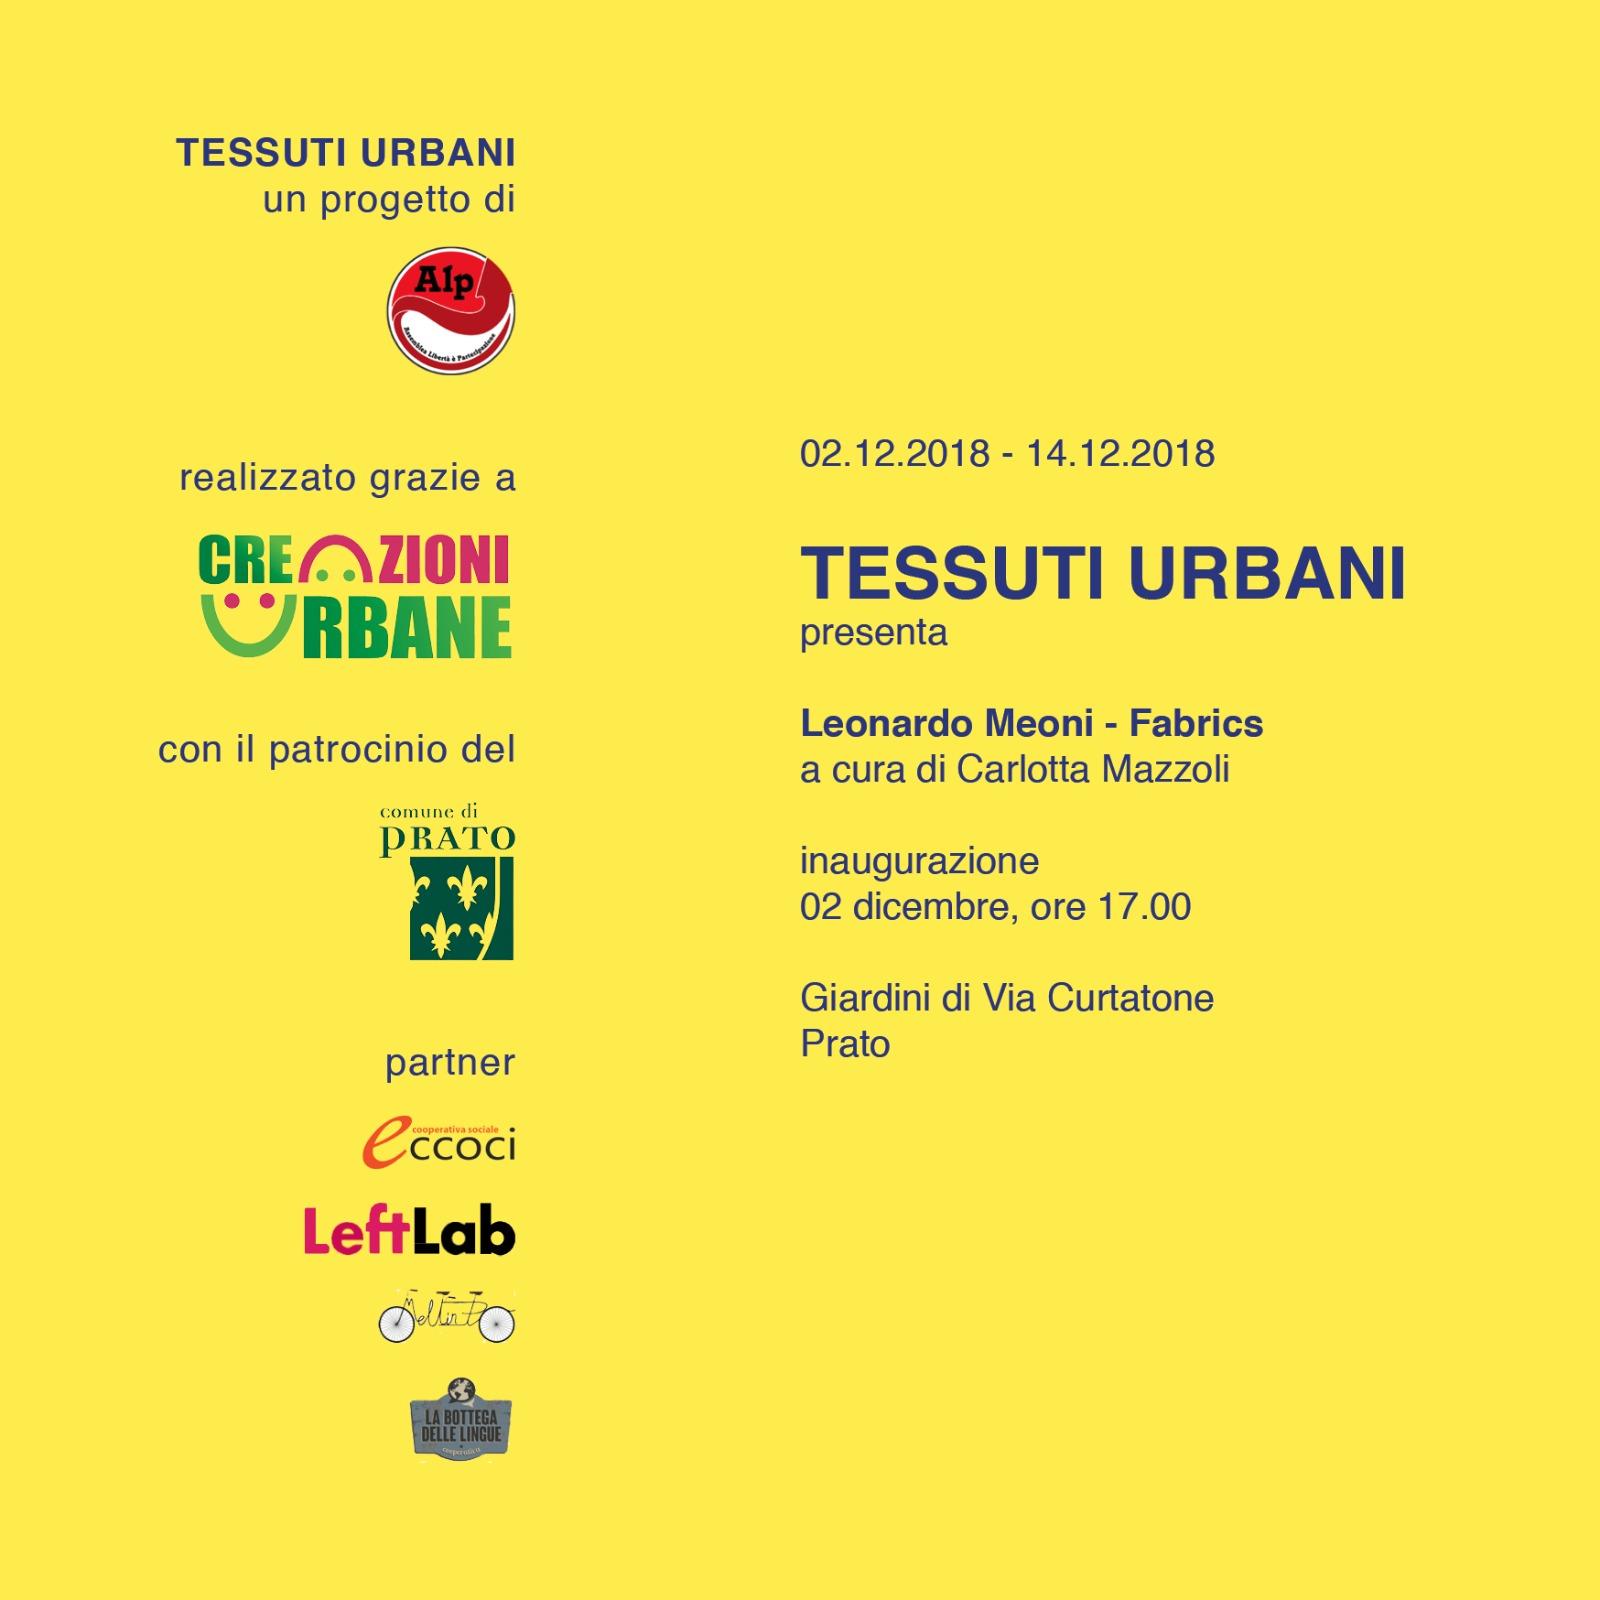 Tessuti Urbani partner inaugurazione